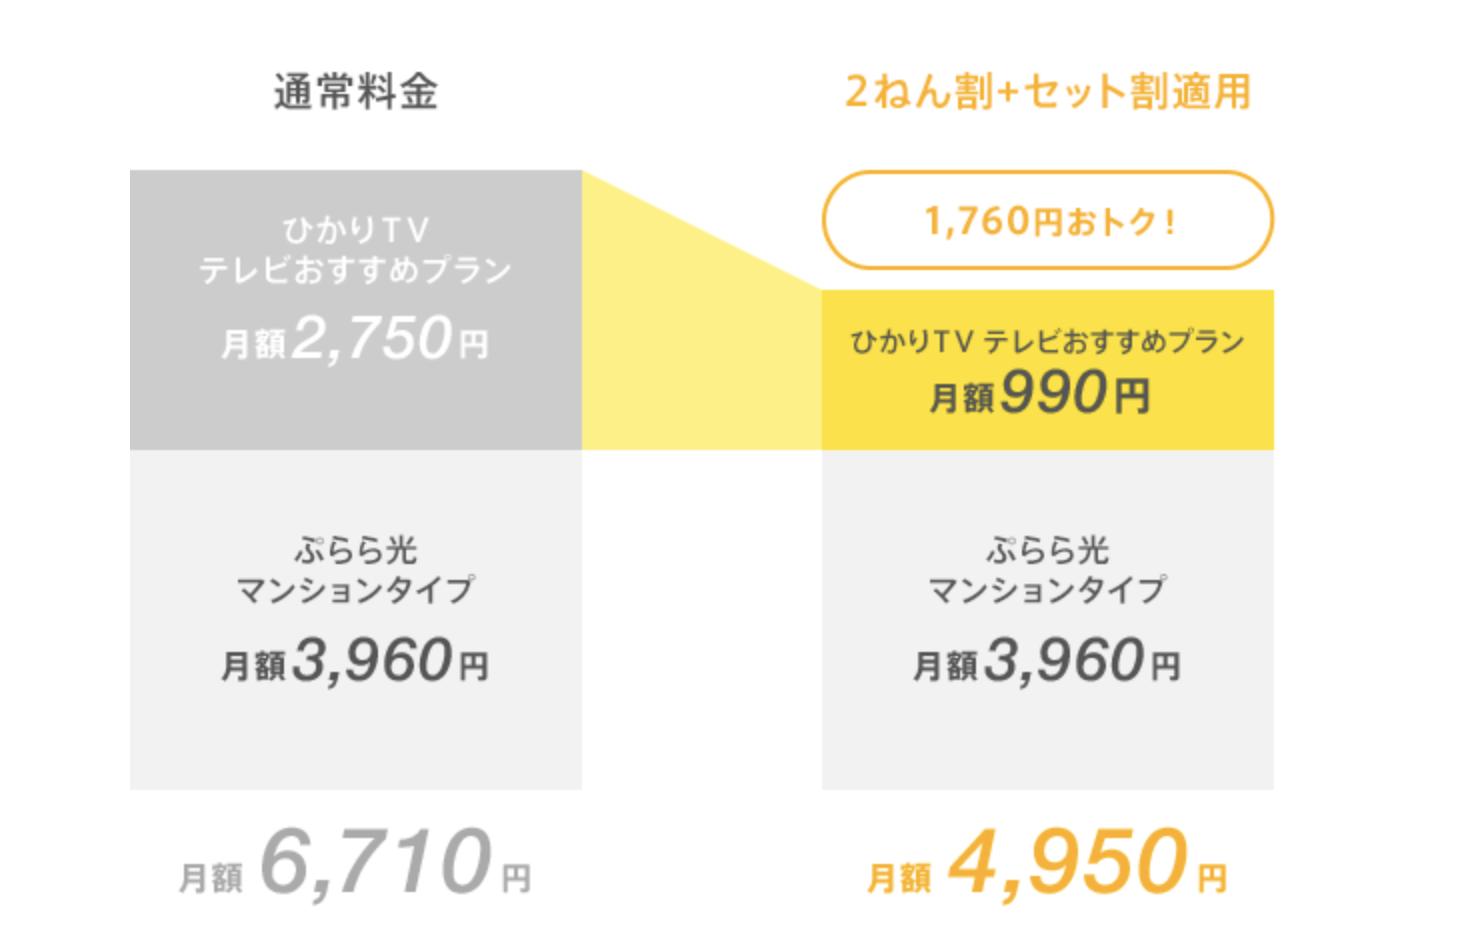 ひかりTV料金イメージ画像